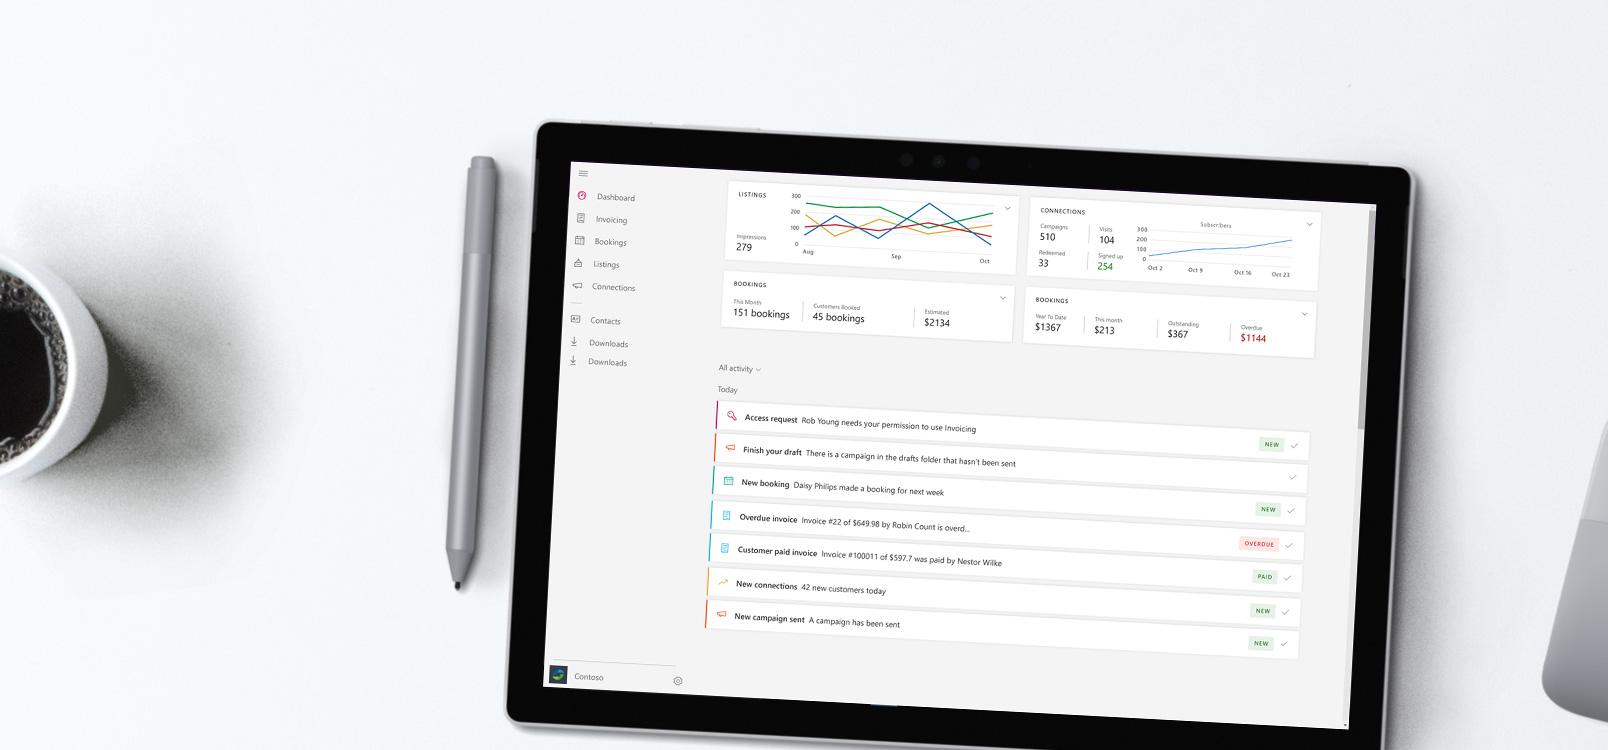 Un equipo portátil que muestra Office 365 Business Center